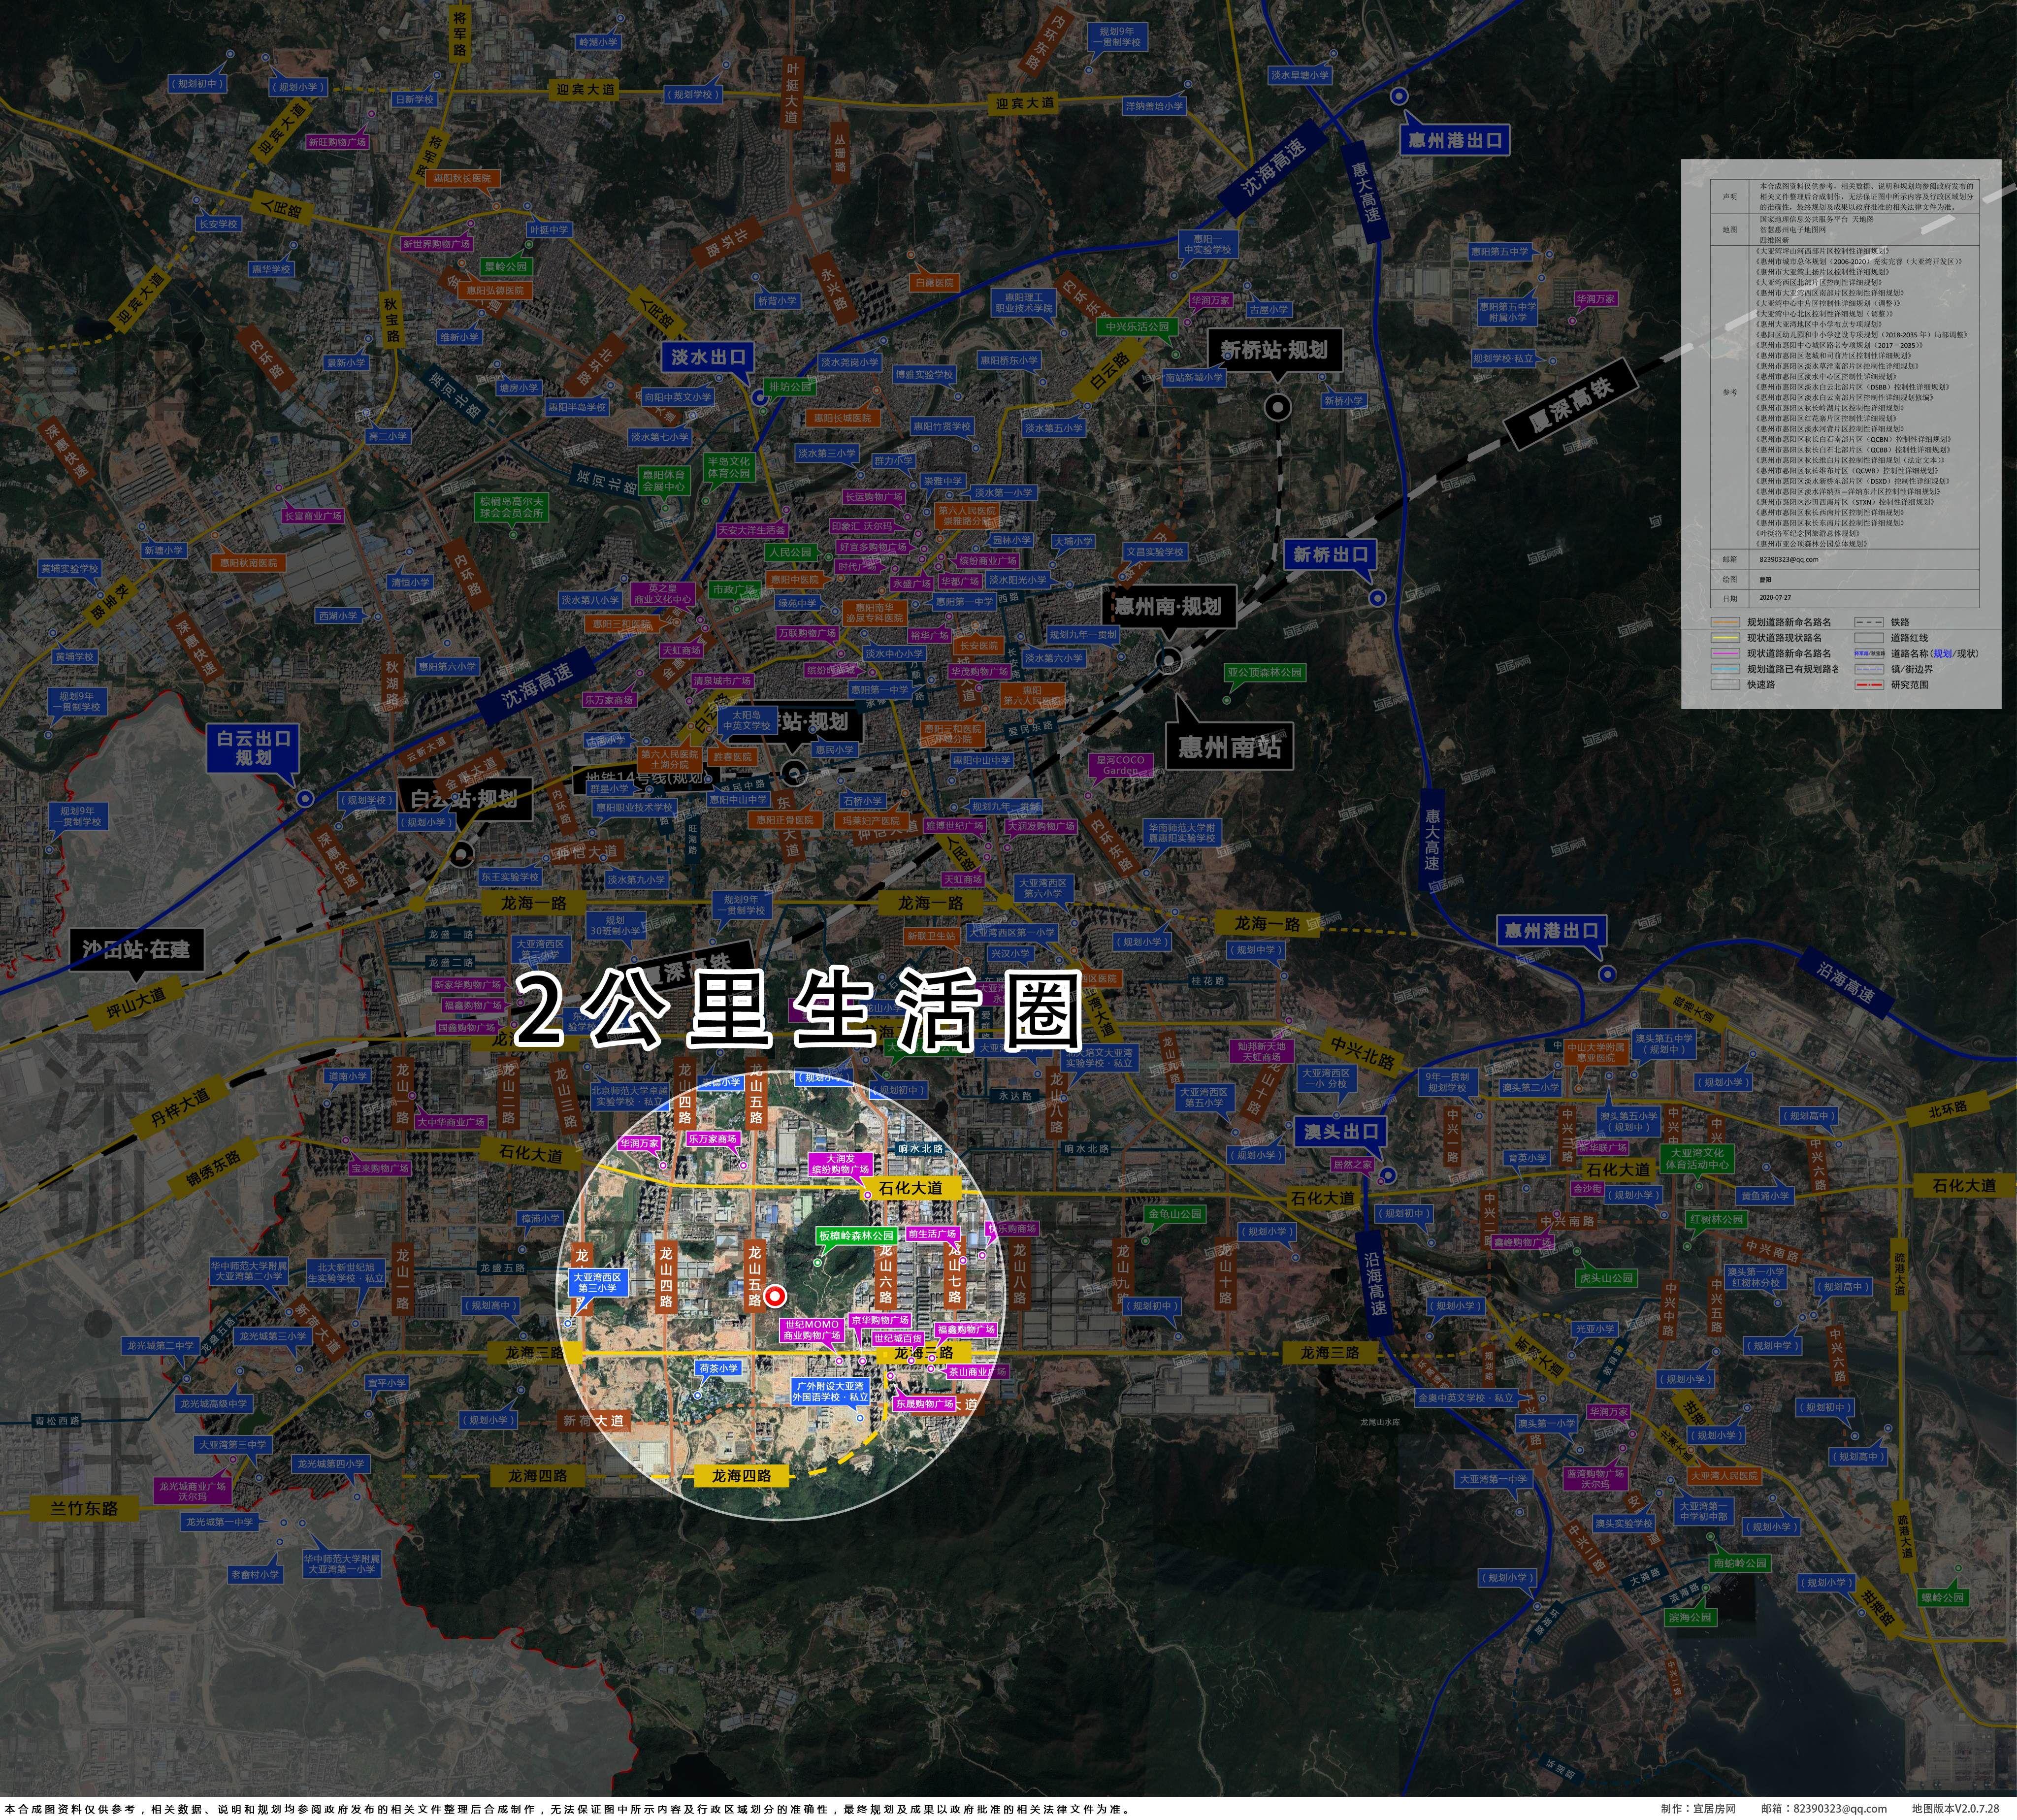 香樟豪庭2公里生活圈